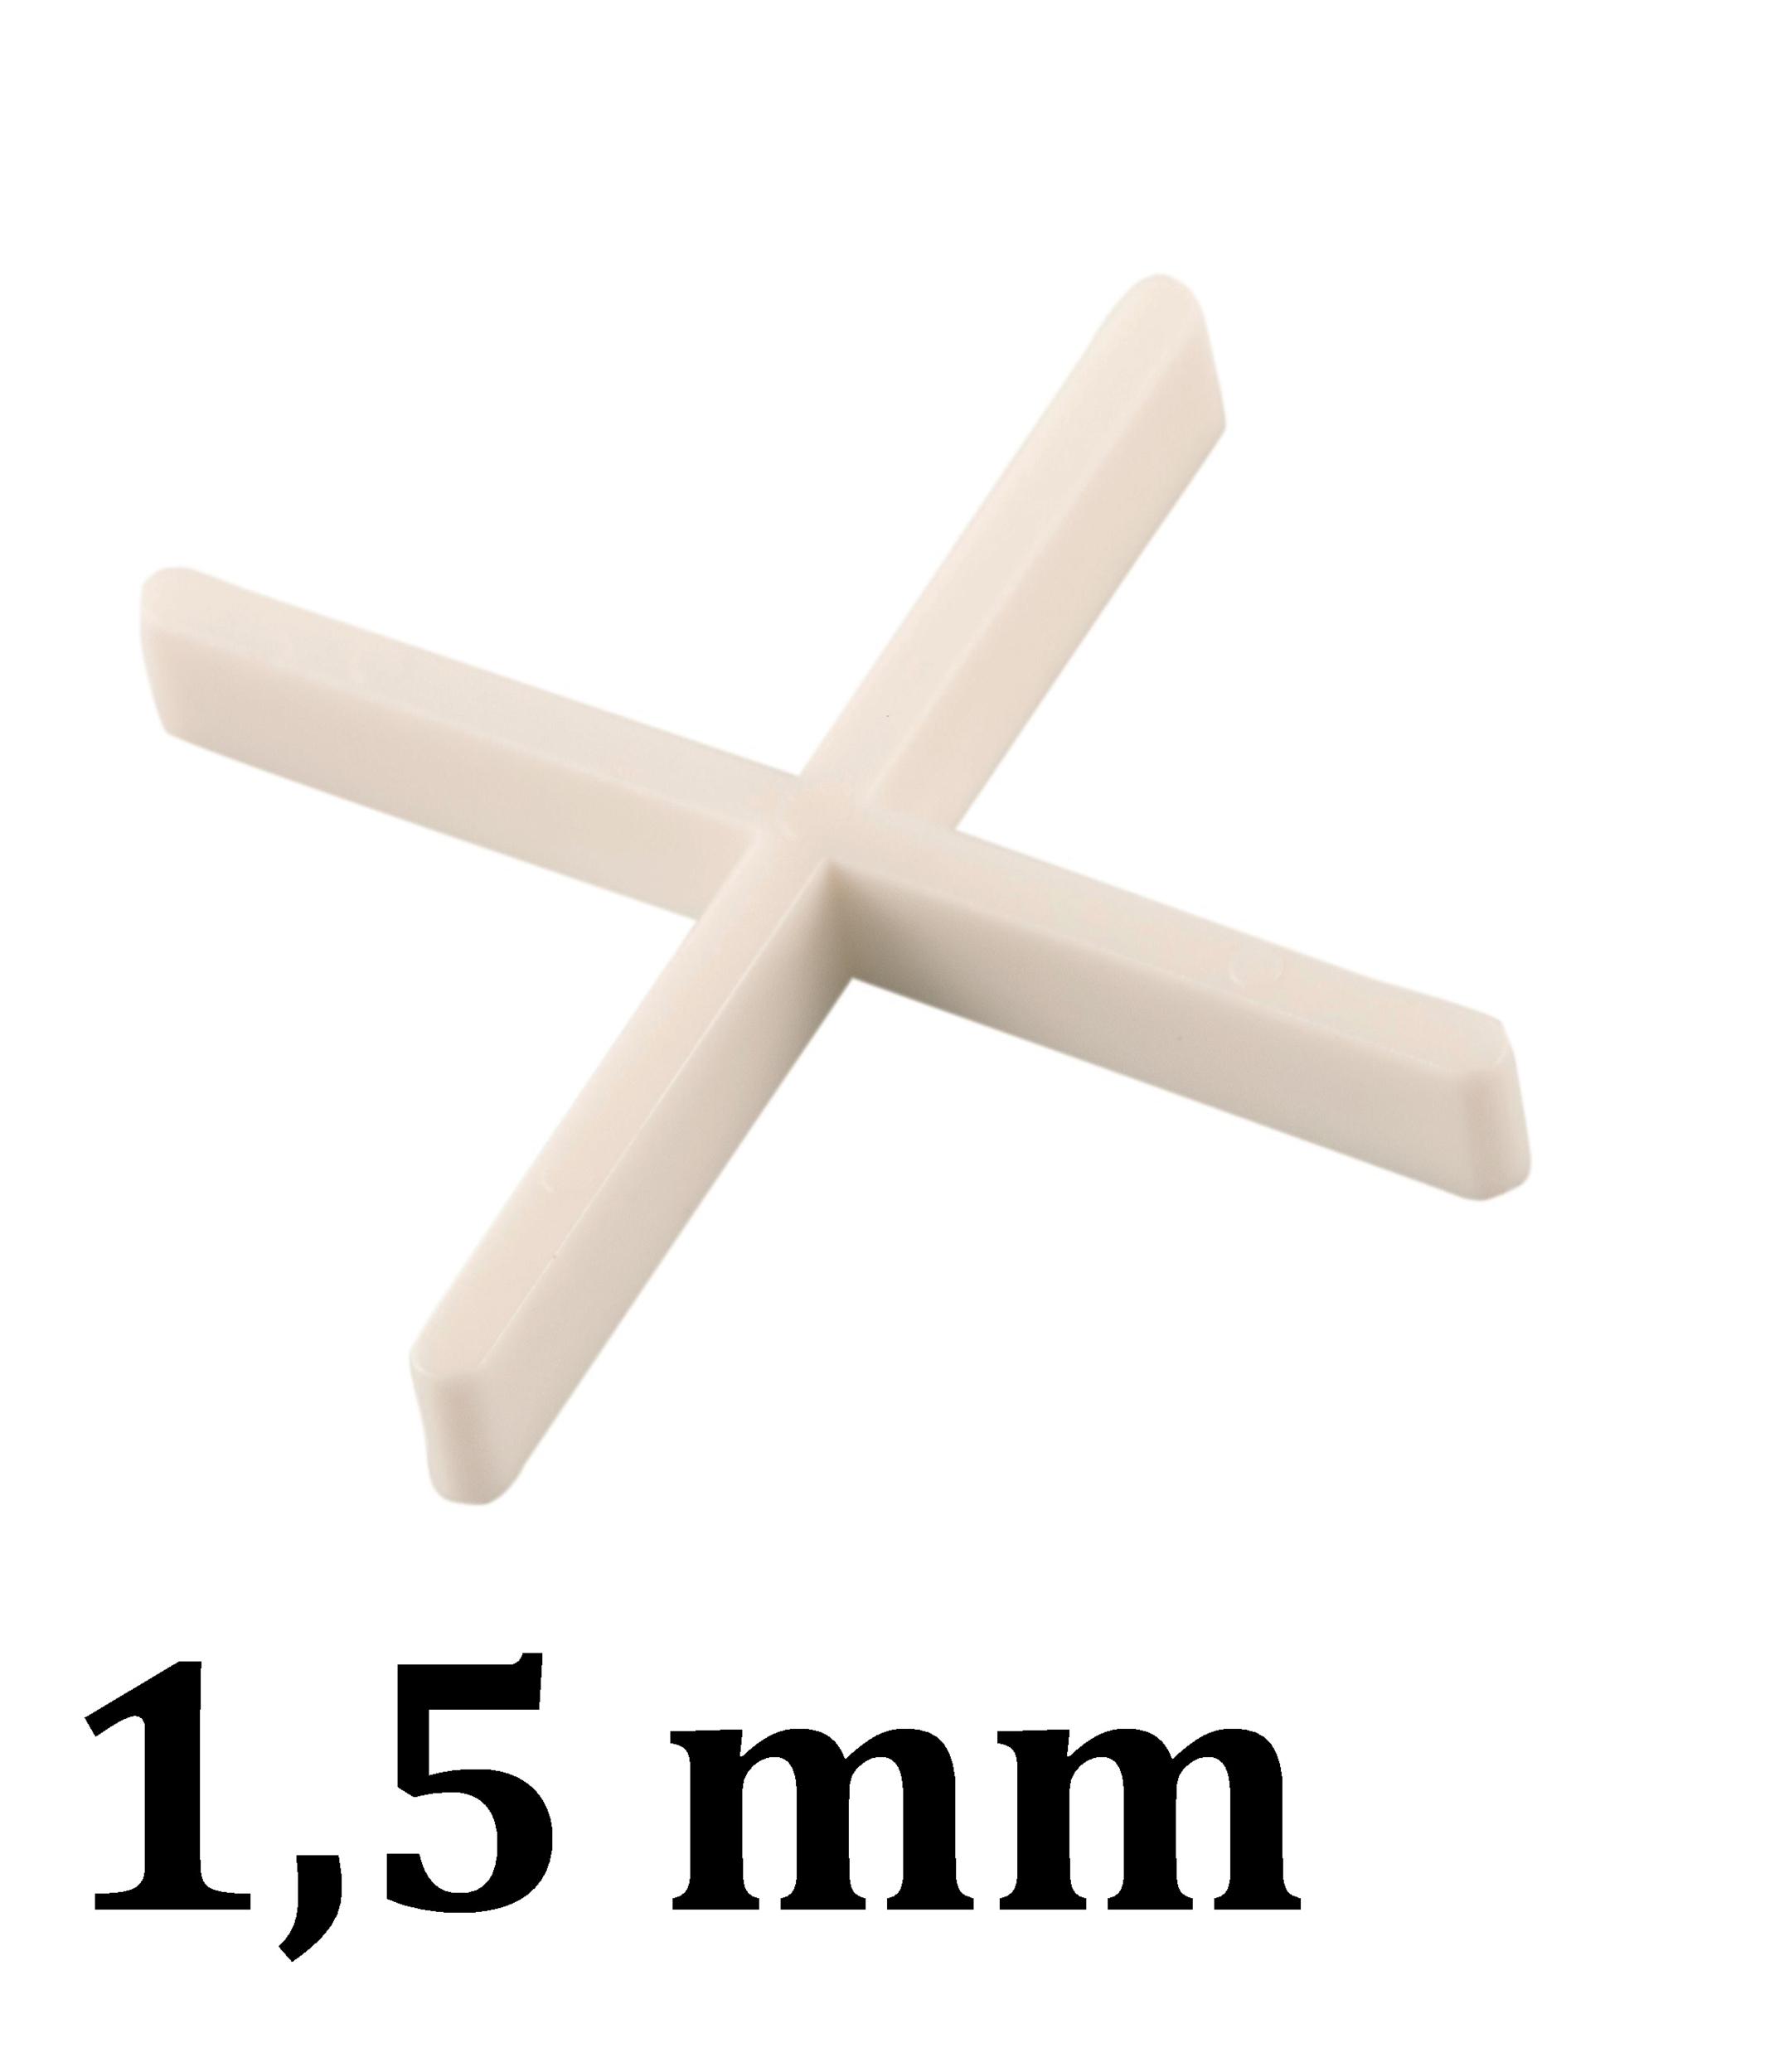 Croisillon carrelage 1,5 mm, en croix